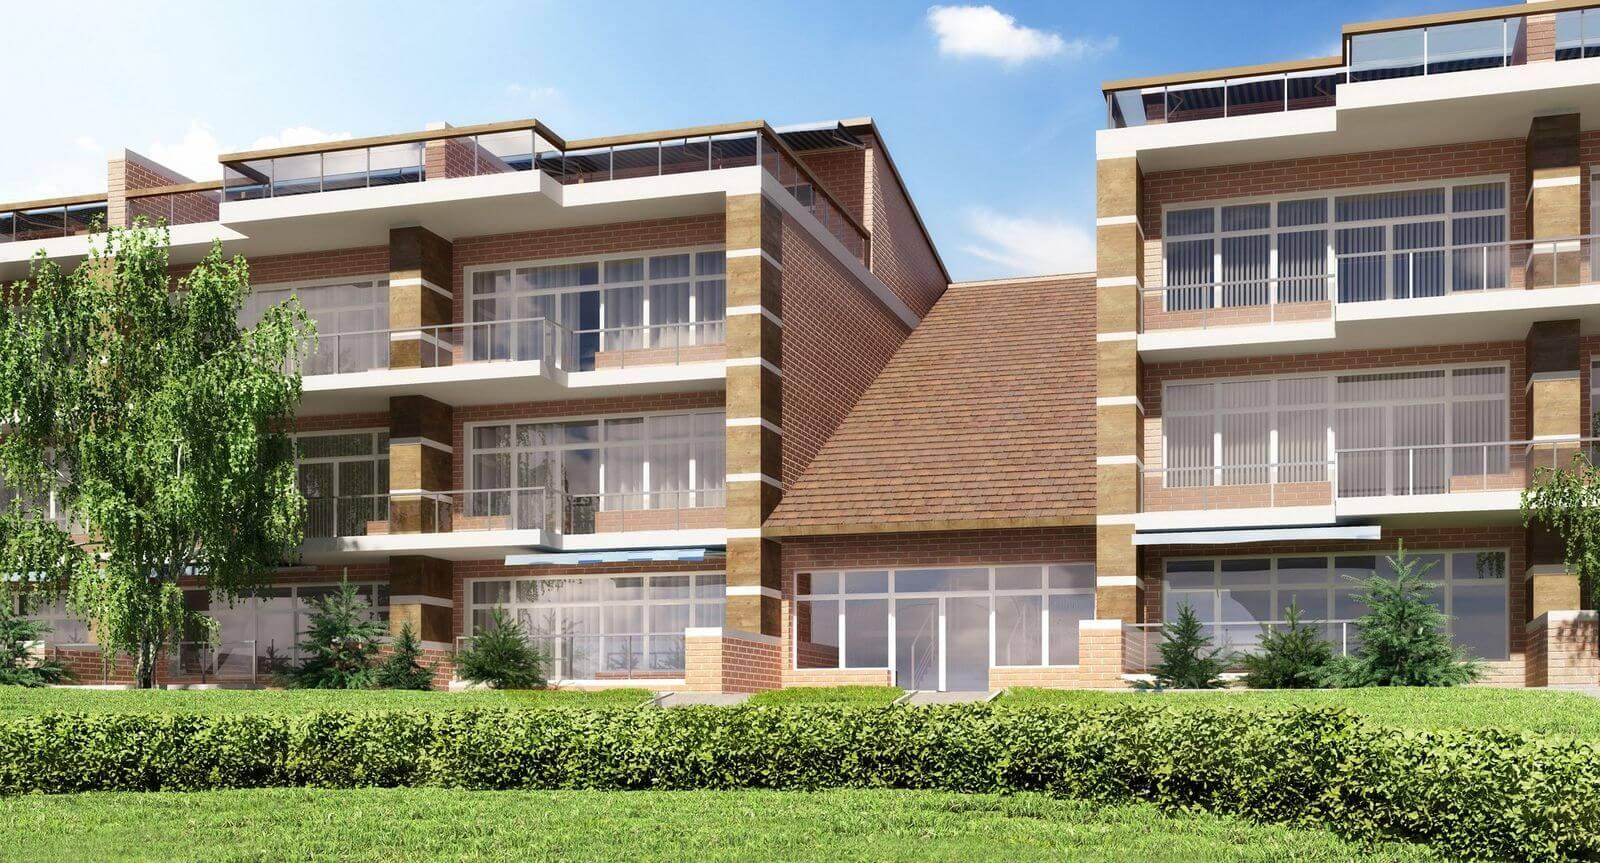 Апартаменты Вилла Рива — визуализации